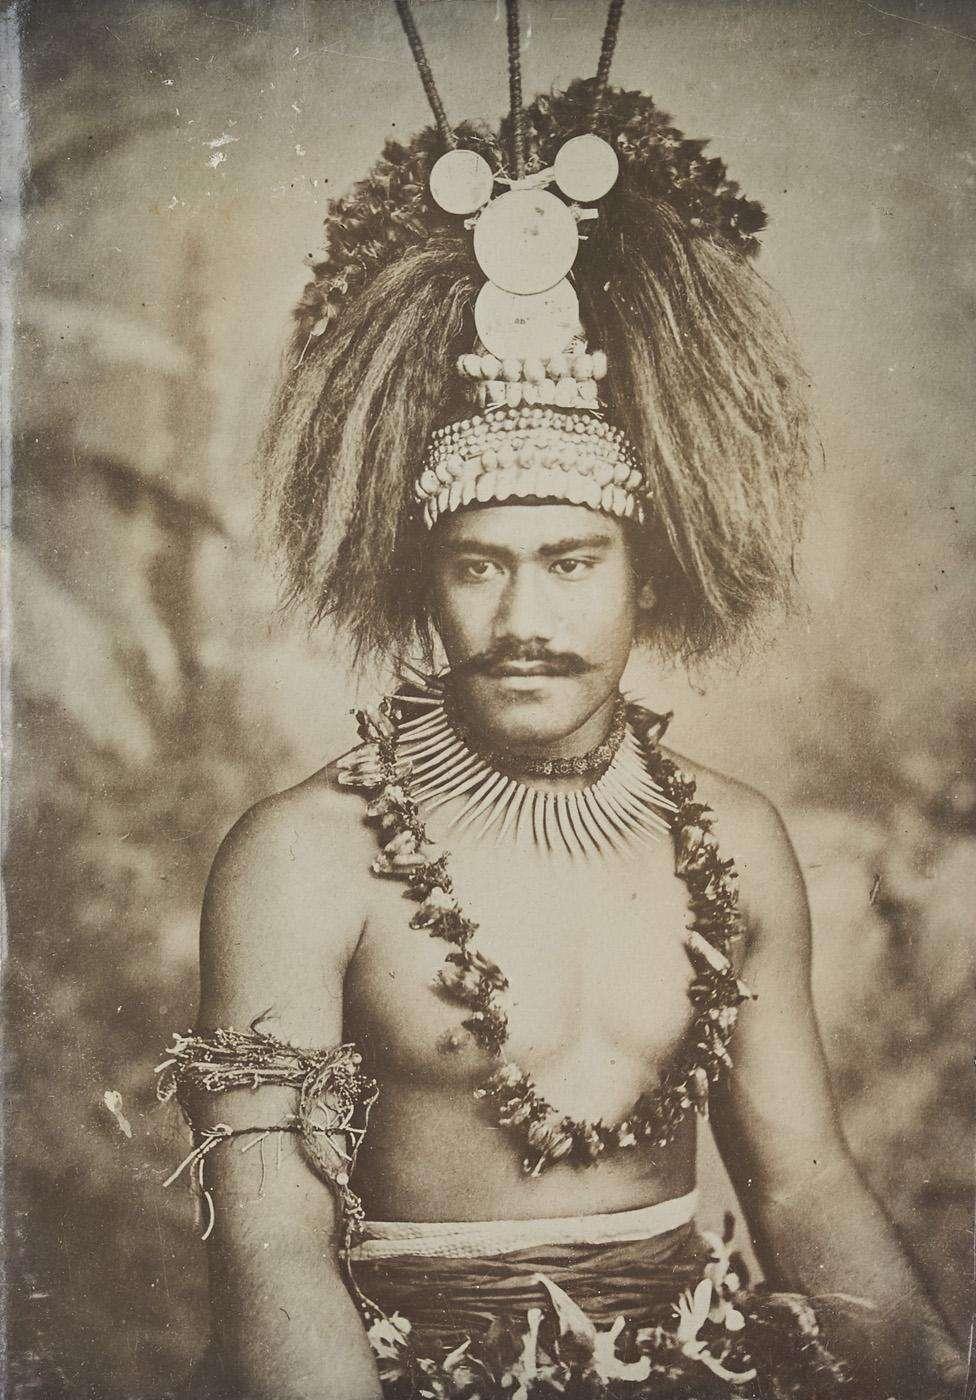 تصویری از یک رئیس قبیله ساموآیی